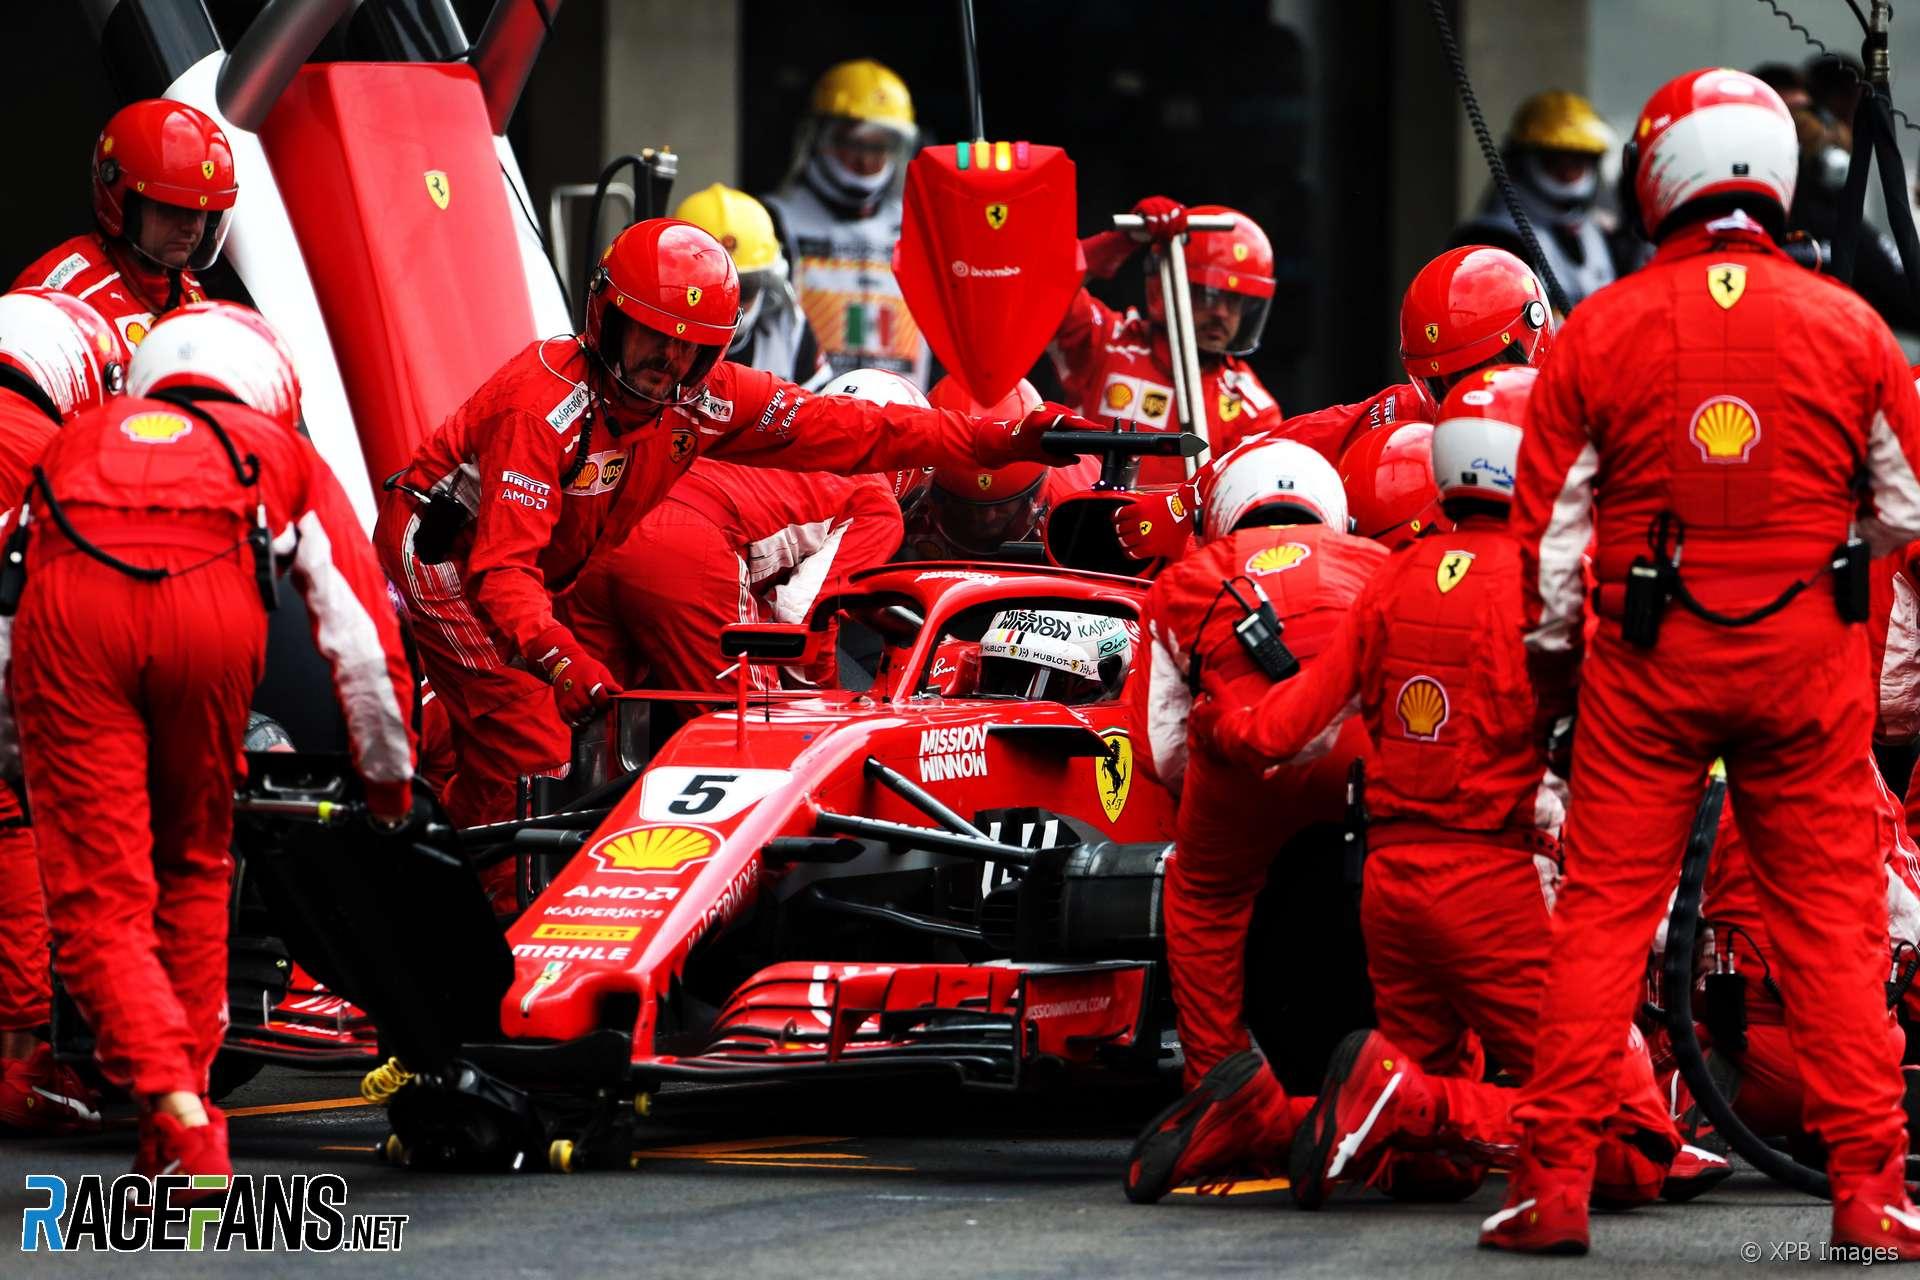 Sebastian Vettel, Ferrari, Autodromo Hermanos Rodriguez, 2018